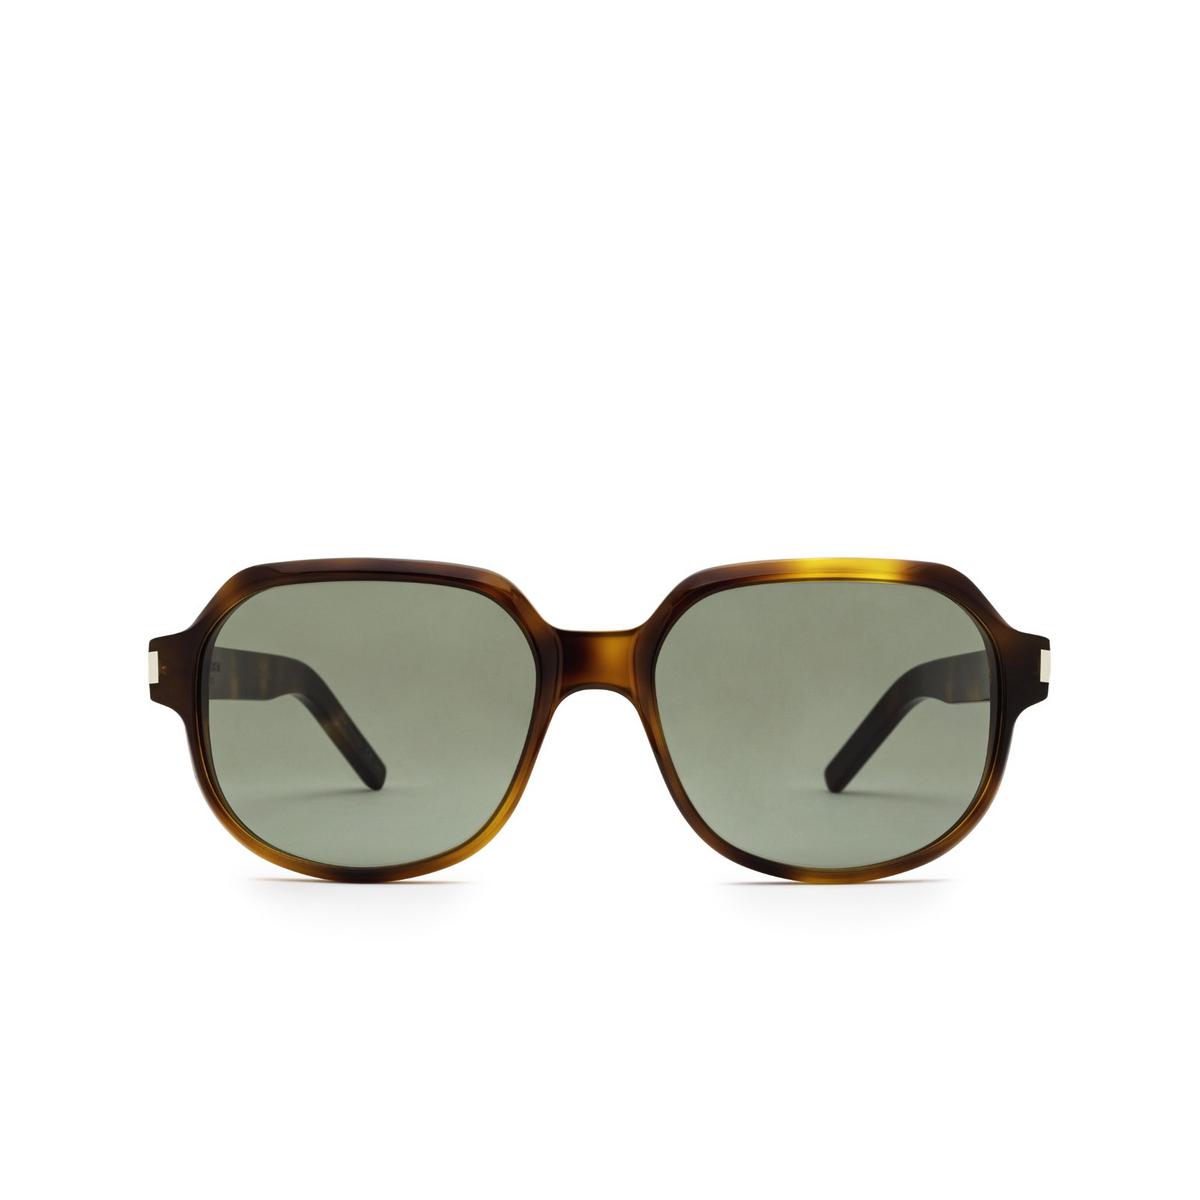 Saint Laurent® Square Sunglasses: SL 496 color Havana 002 - front view.